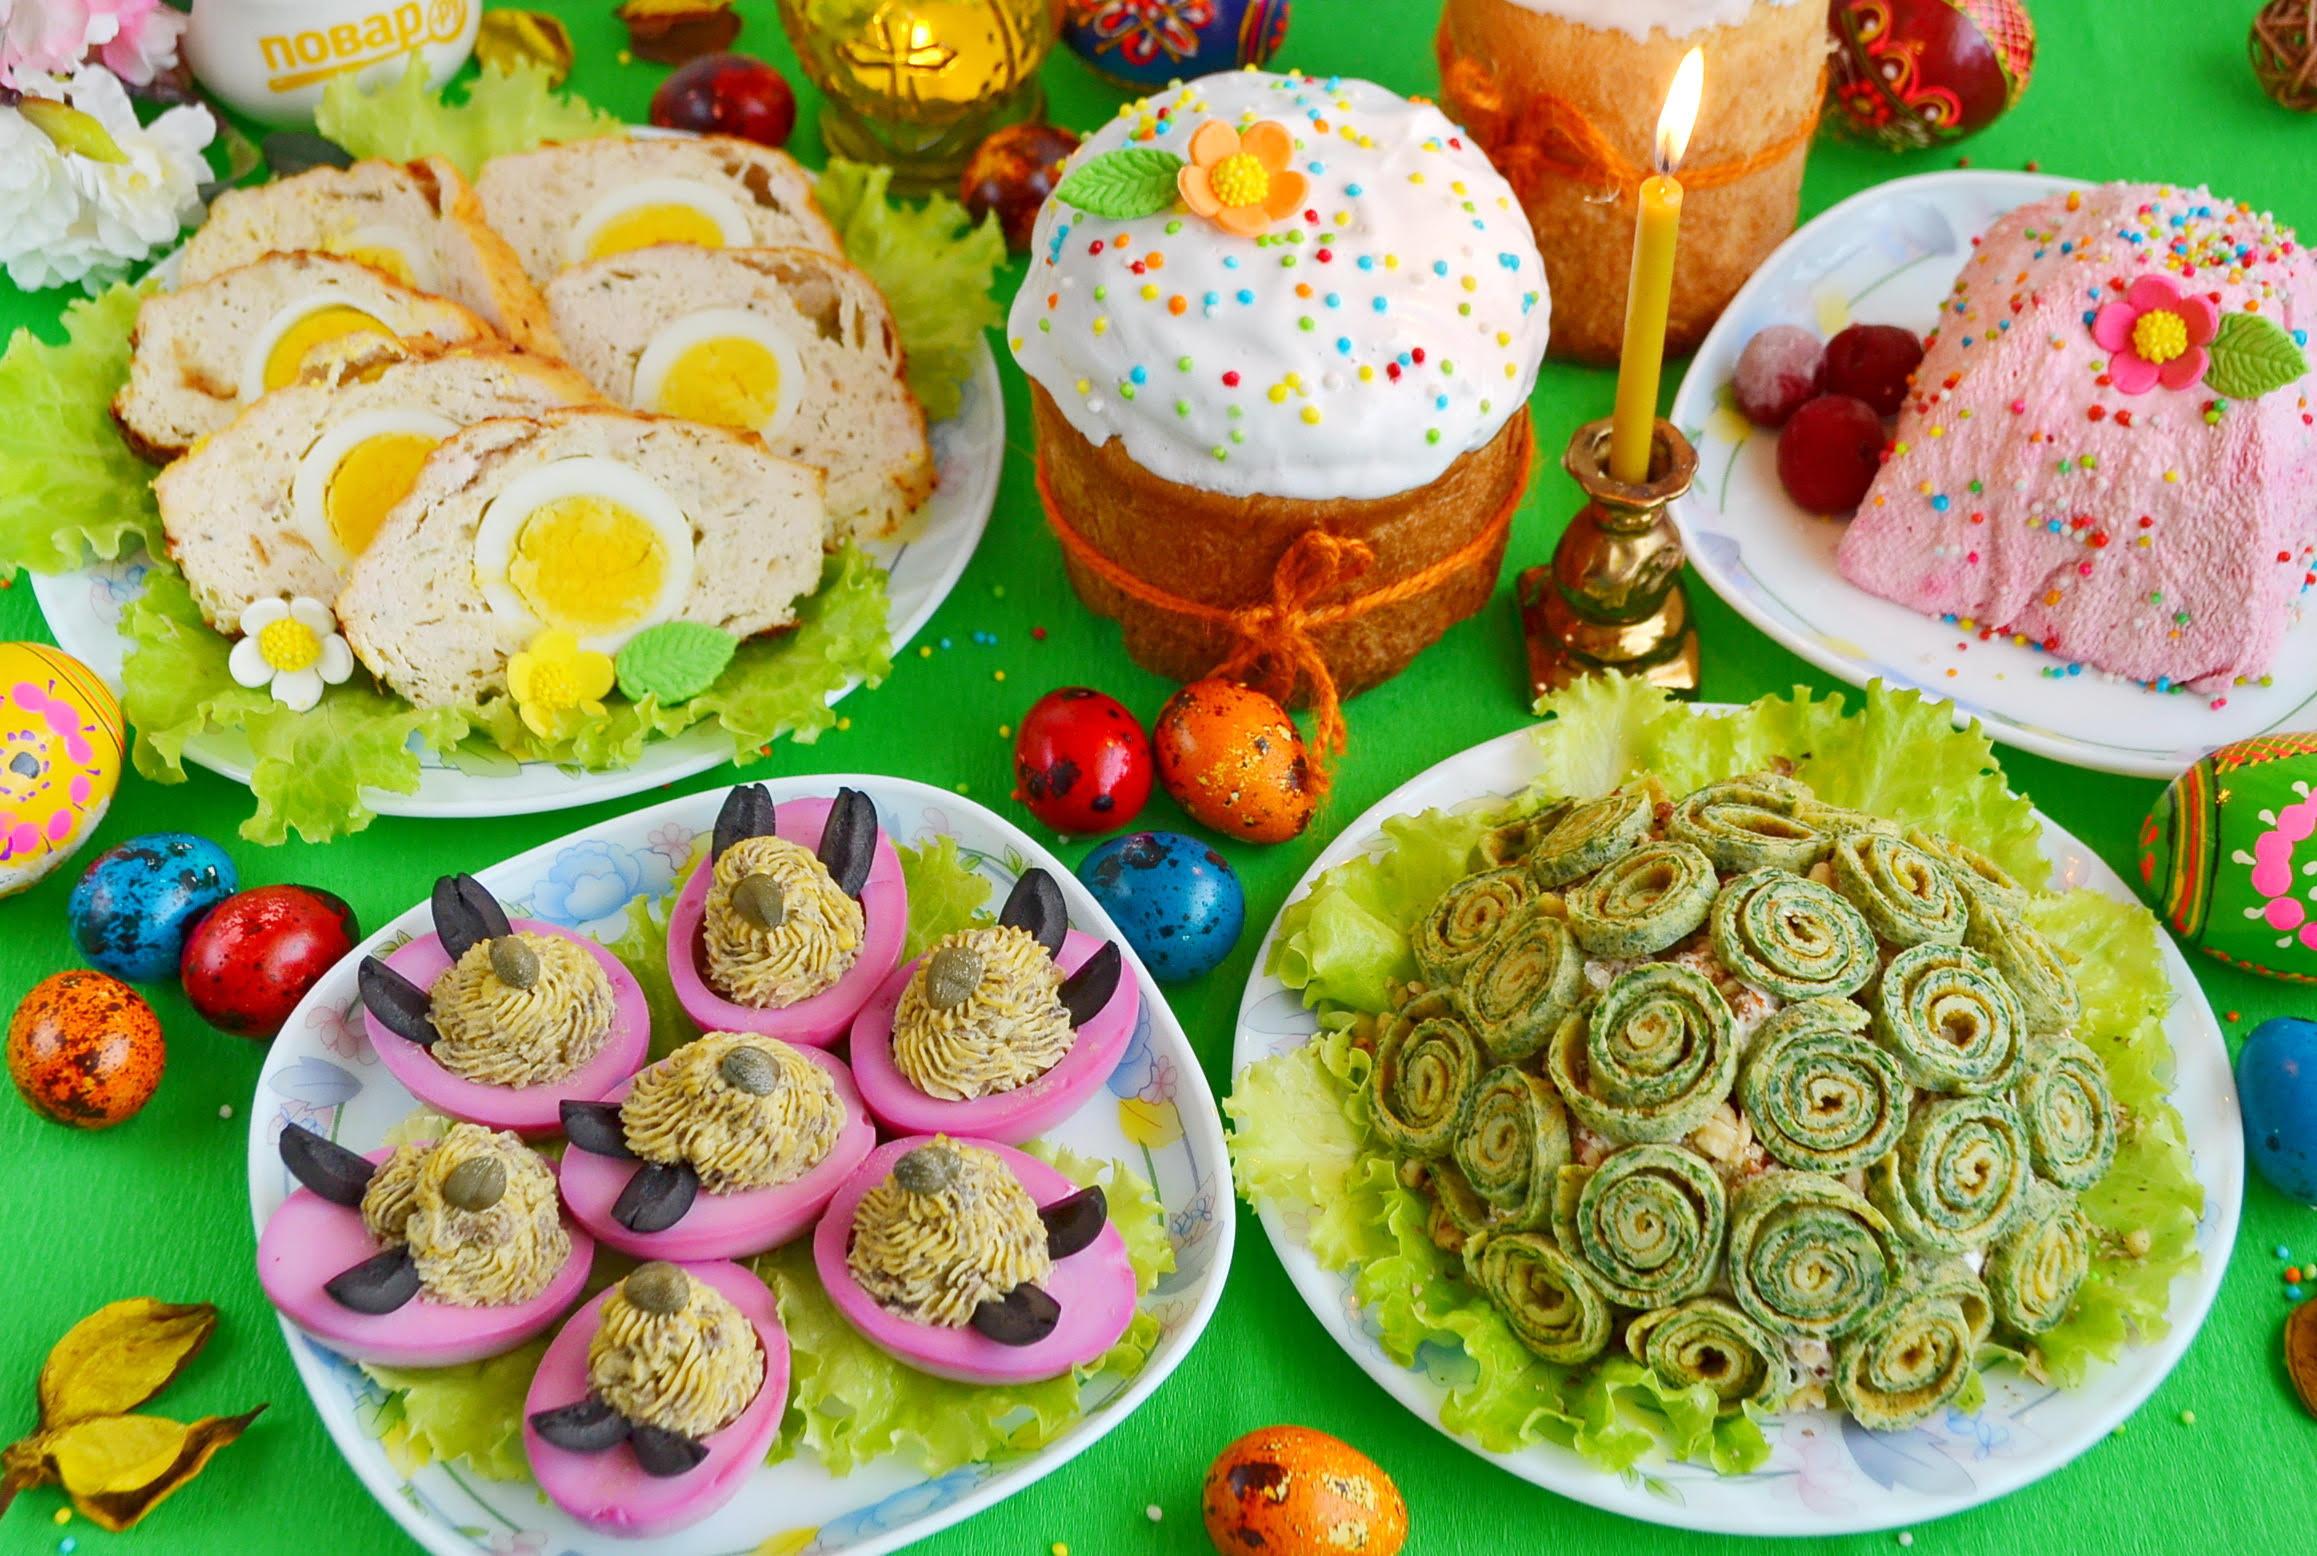 Меню на Пасху: крашеные перепелиные яйца, фаршированные розовые яйца с грибной начинкой, салат с говядиной и яичными розочками, фальшивый заяц, красная пасха и кулич с помадкой